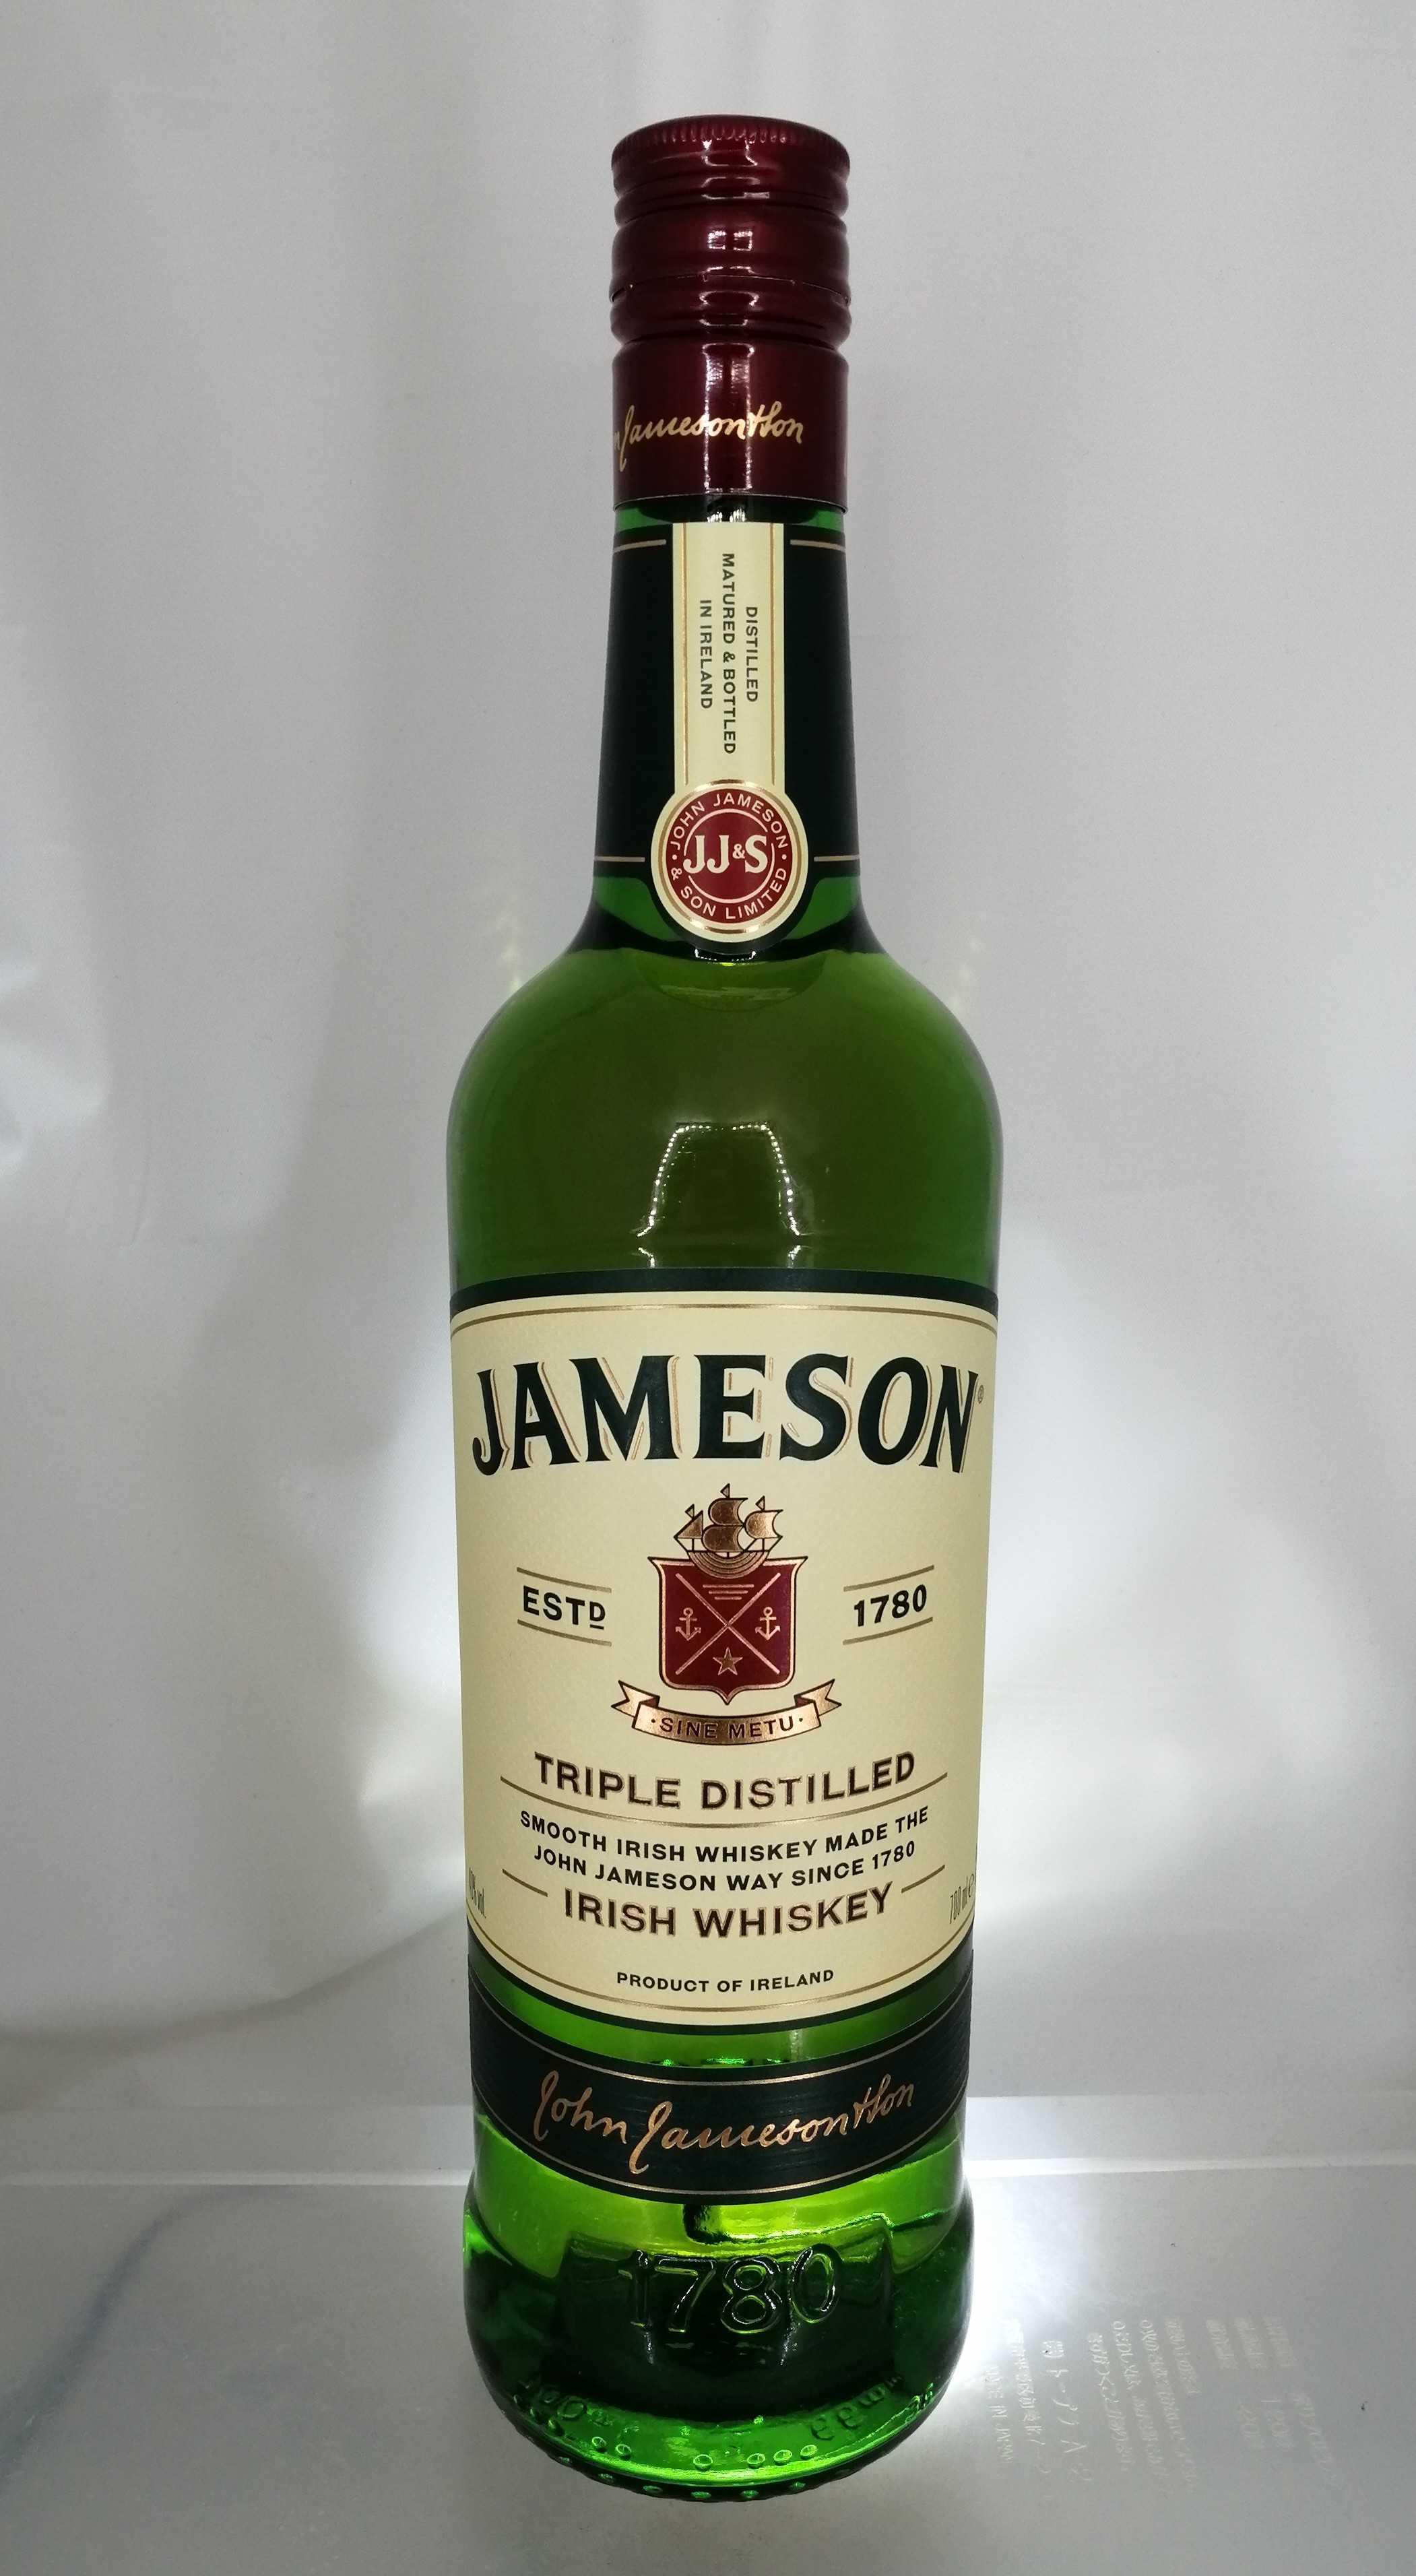 ジェムソン スタンダード|JAMESON